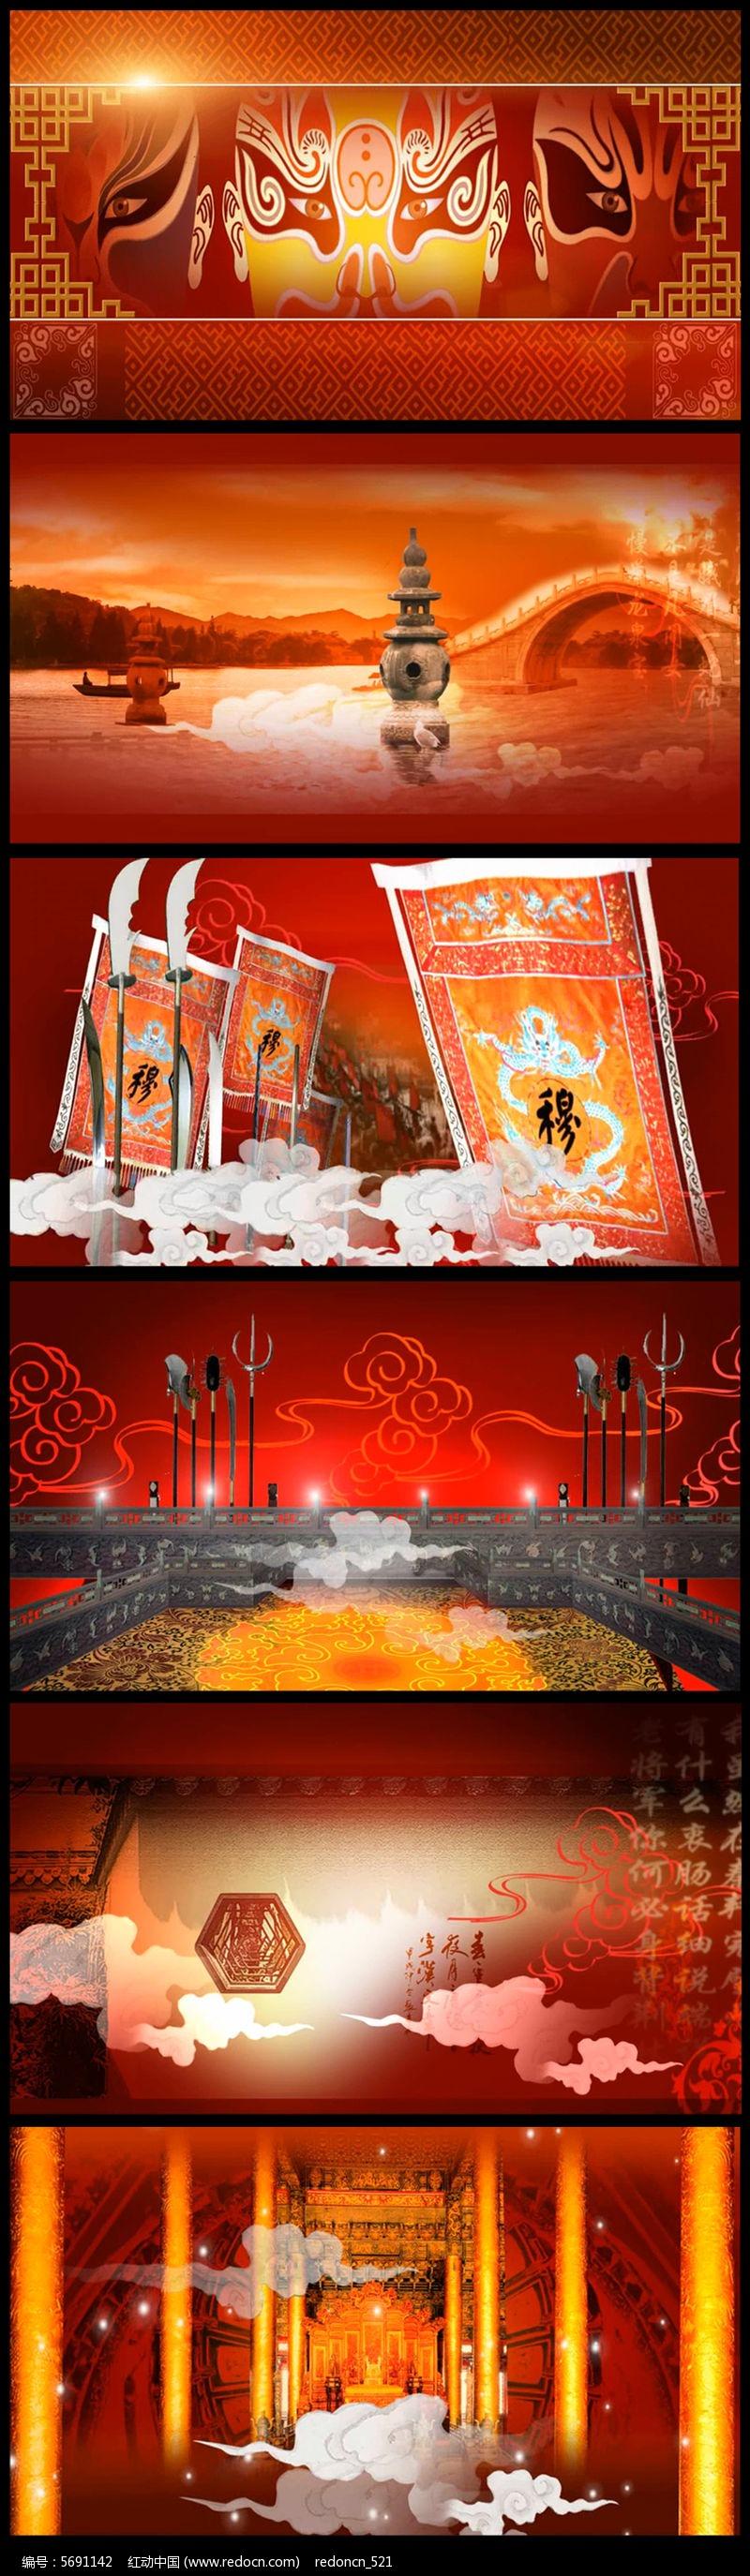 中国红舞台网_中国风国粹京剧脸谱舞台背景_红动网